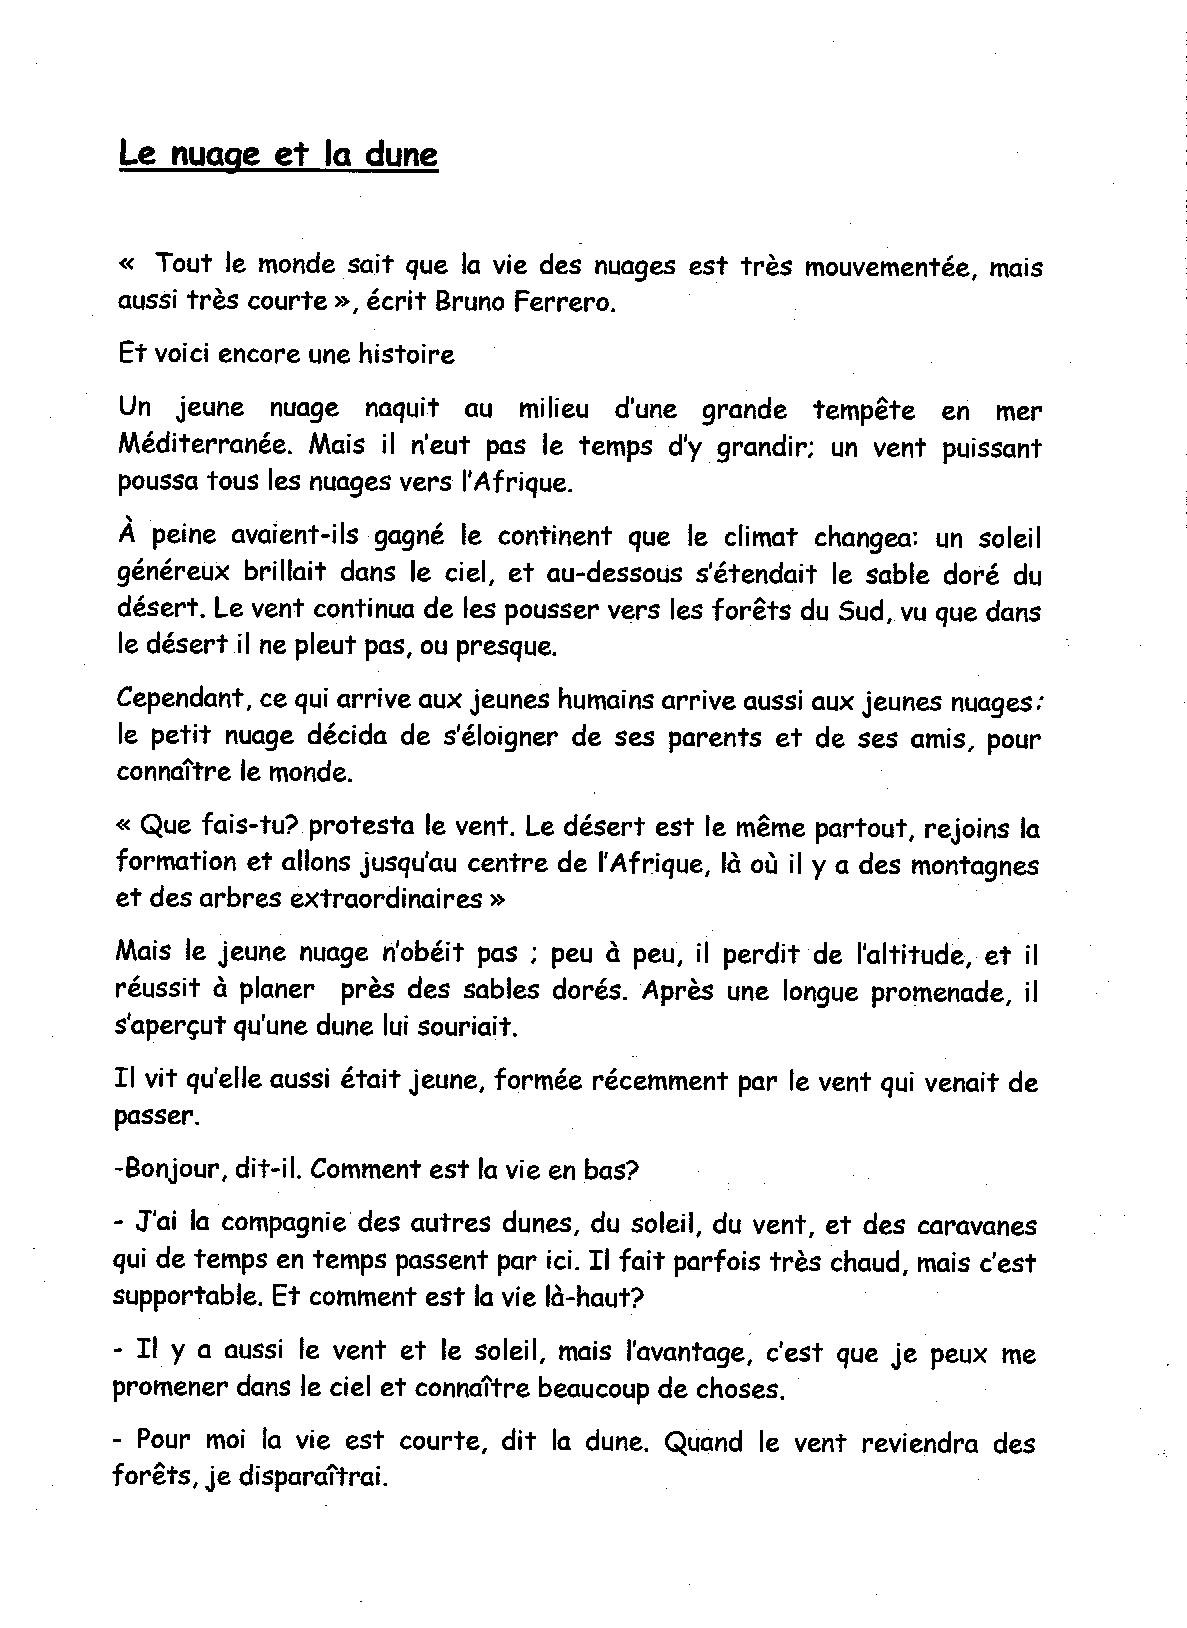 LivretNoel2015 (11)